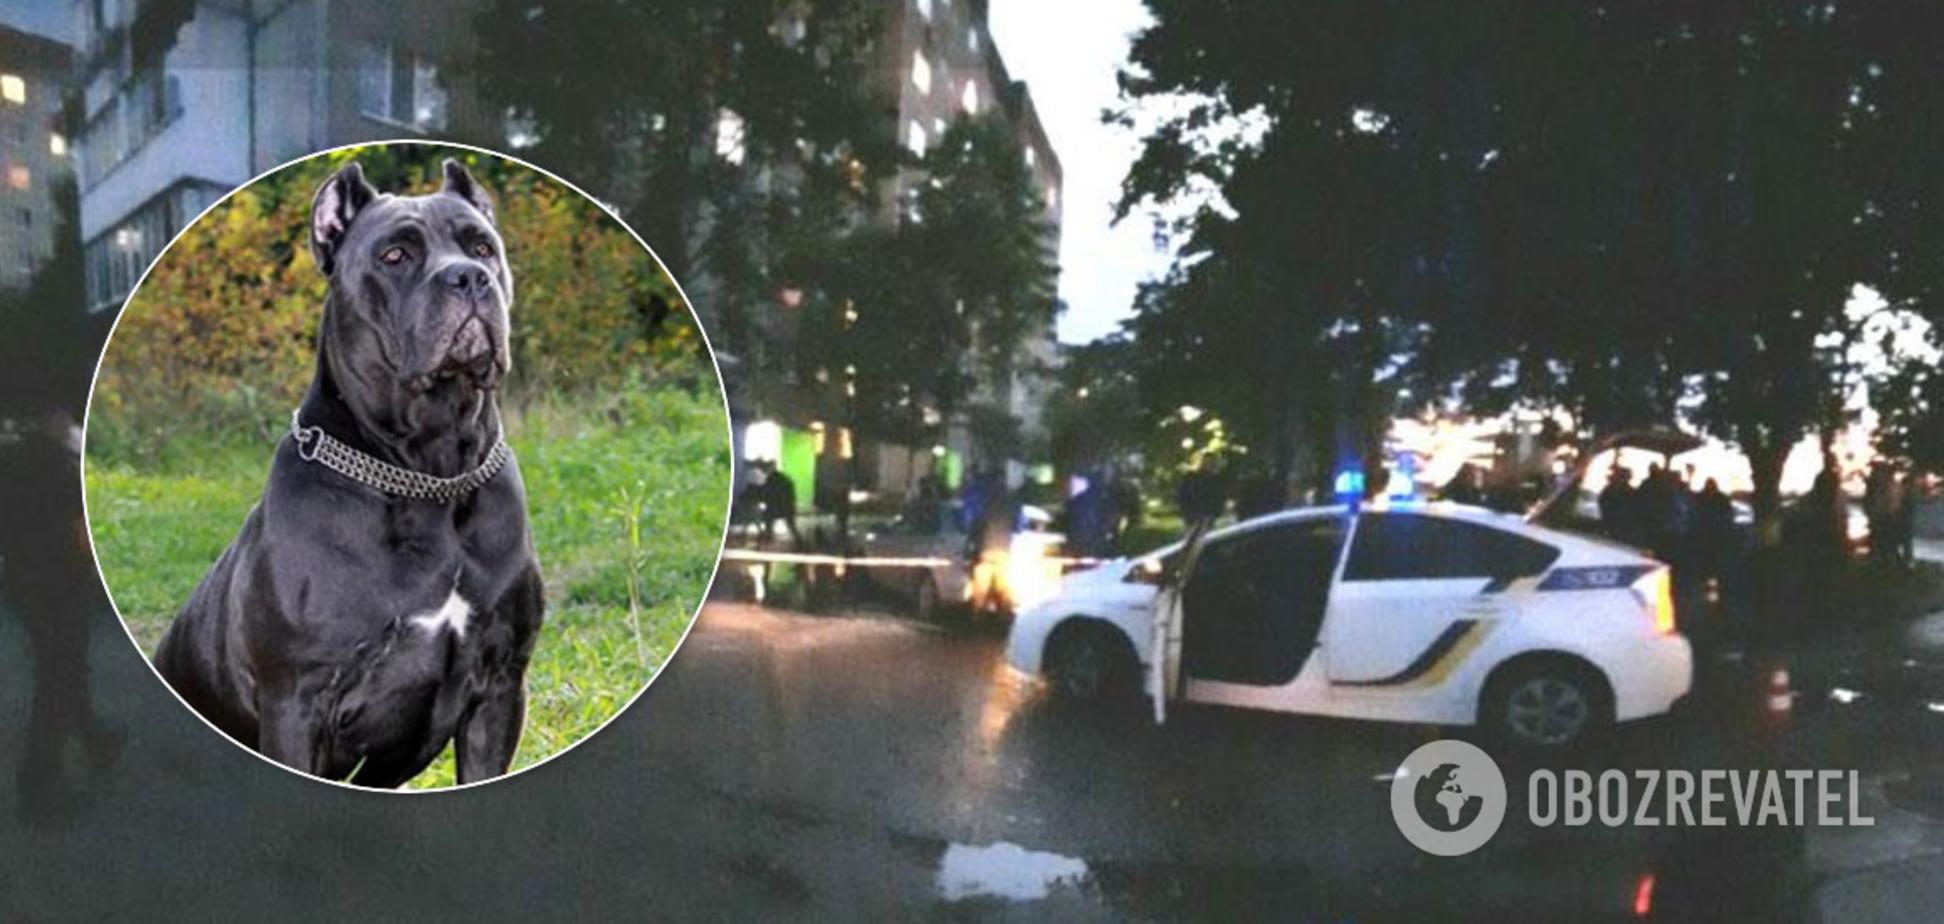 На Рівненщині поліцейські підстрелили собаку та її господаря. Фото 18+